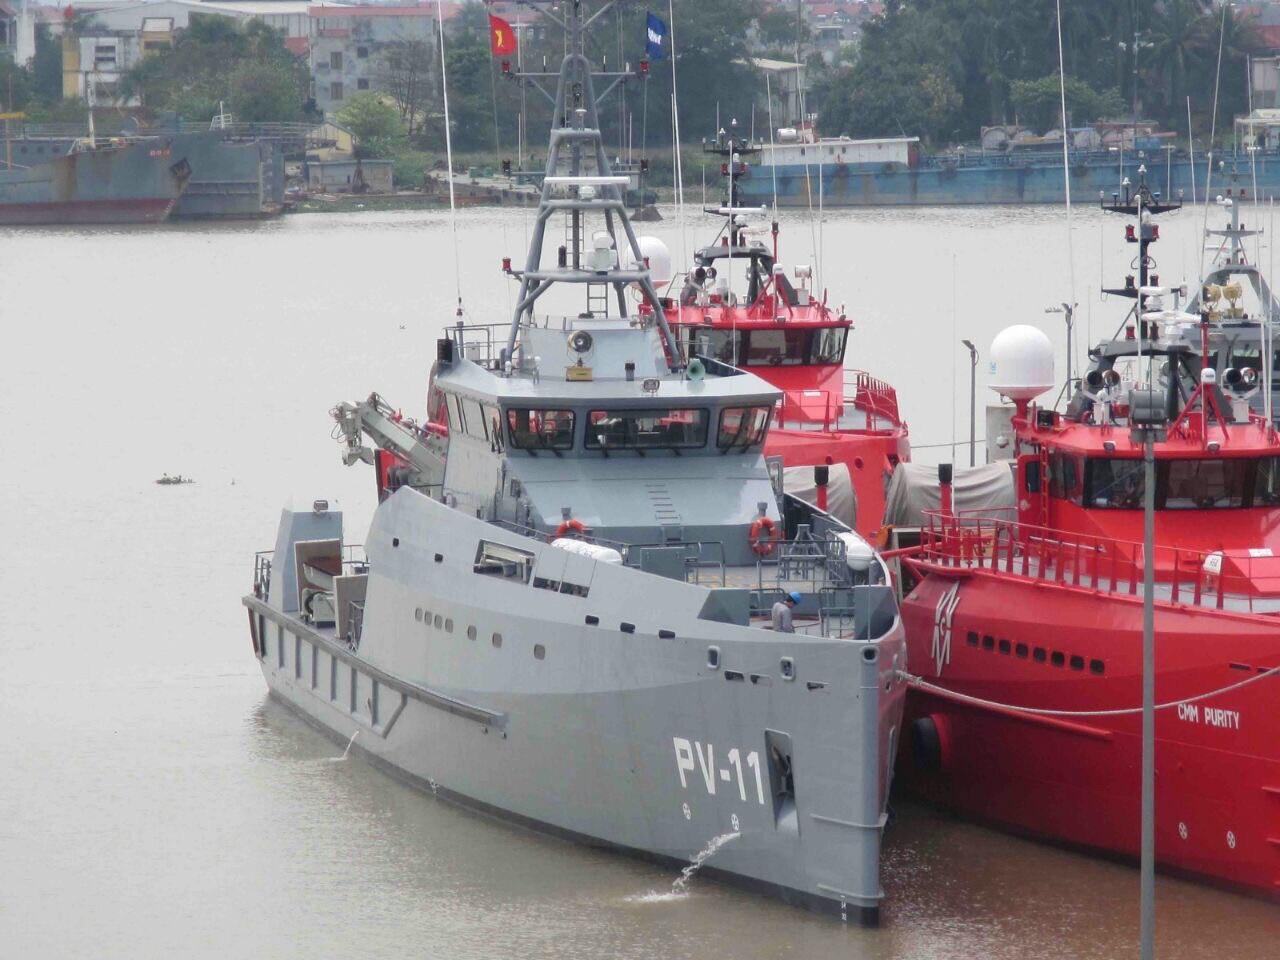 Завершенный постройкой для ВМС Венесуэлы на вьетнамской верфи Damen Song Cam Shipyard судостроительной группы Damen Shipyards Group головной малый патрульный корабль PV-11 проекта Damen Stan Patrol 5009. Корабль стоит ошвартованным у двух судов гражданской транспортно-пассажирской версии этого же проекта Damen Fast Crew Supply 5009 (CMM Celerity и CMM Purity), построенных той же верфью для международной компании Compagnie Maritime Monégasque International (CMM), которая будет использовать их по контракту для обслуживания морских нефтепромыслов бразильской государственной нефтяной компании Petrobras. Хоан Дун (Хайфон), конец марта 2016 года.